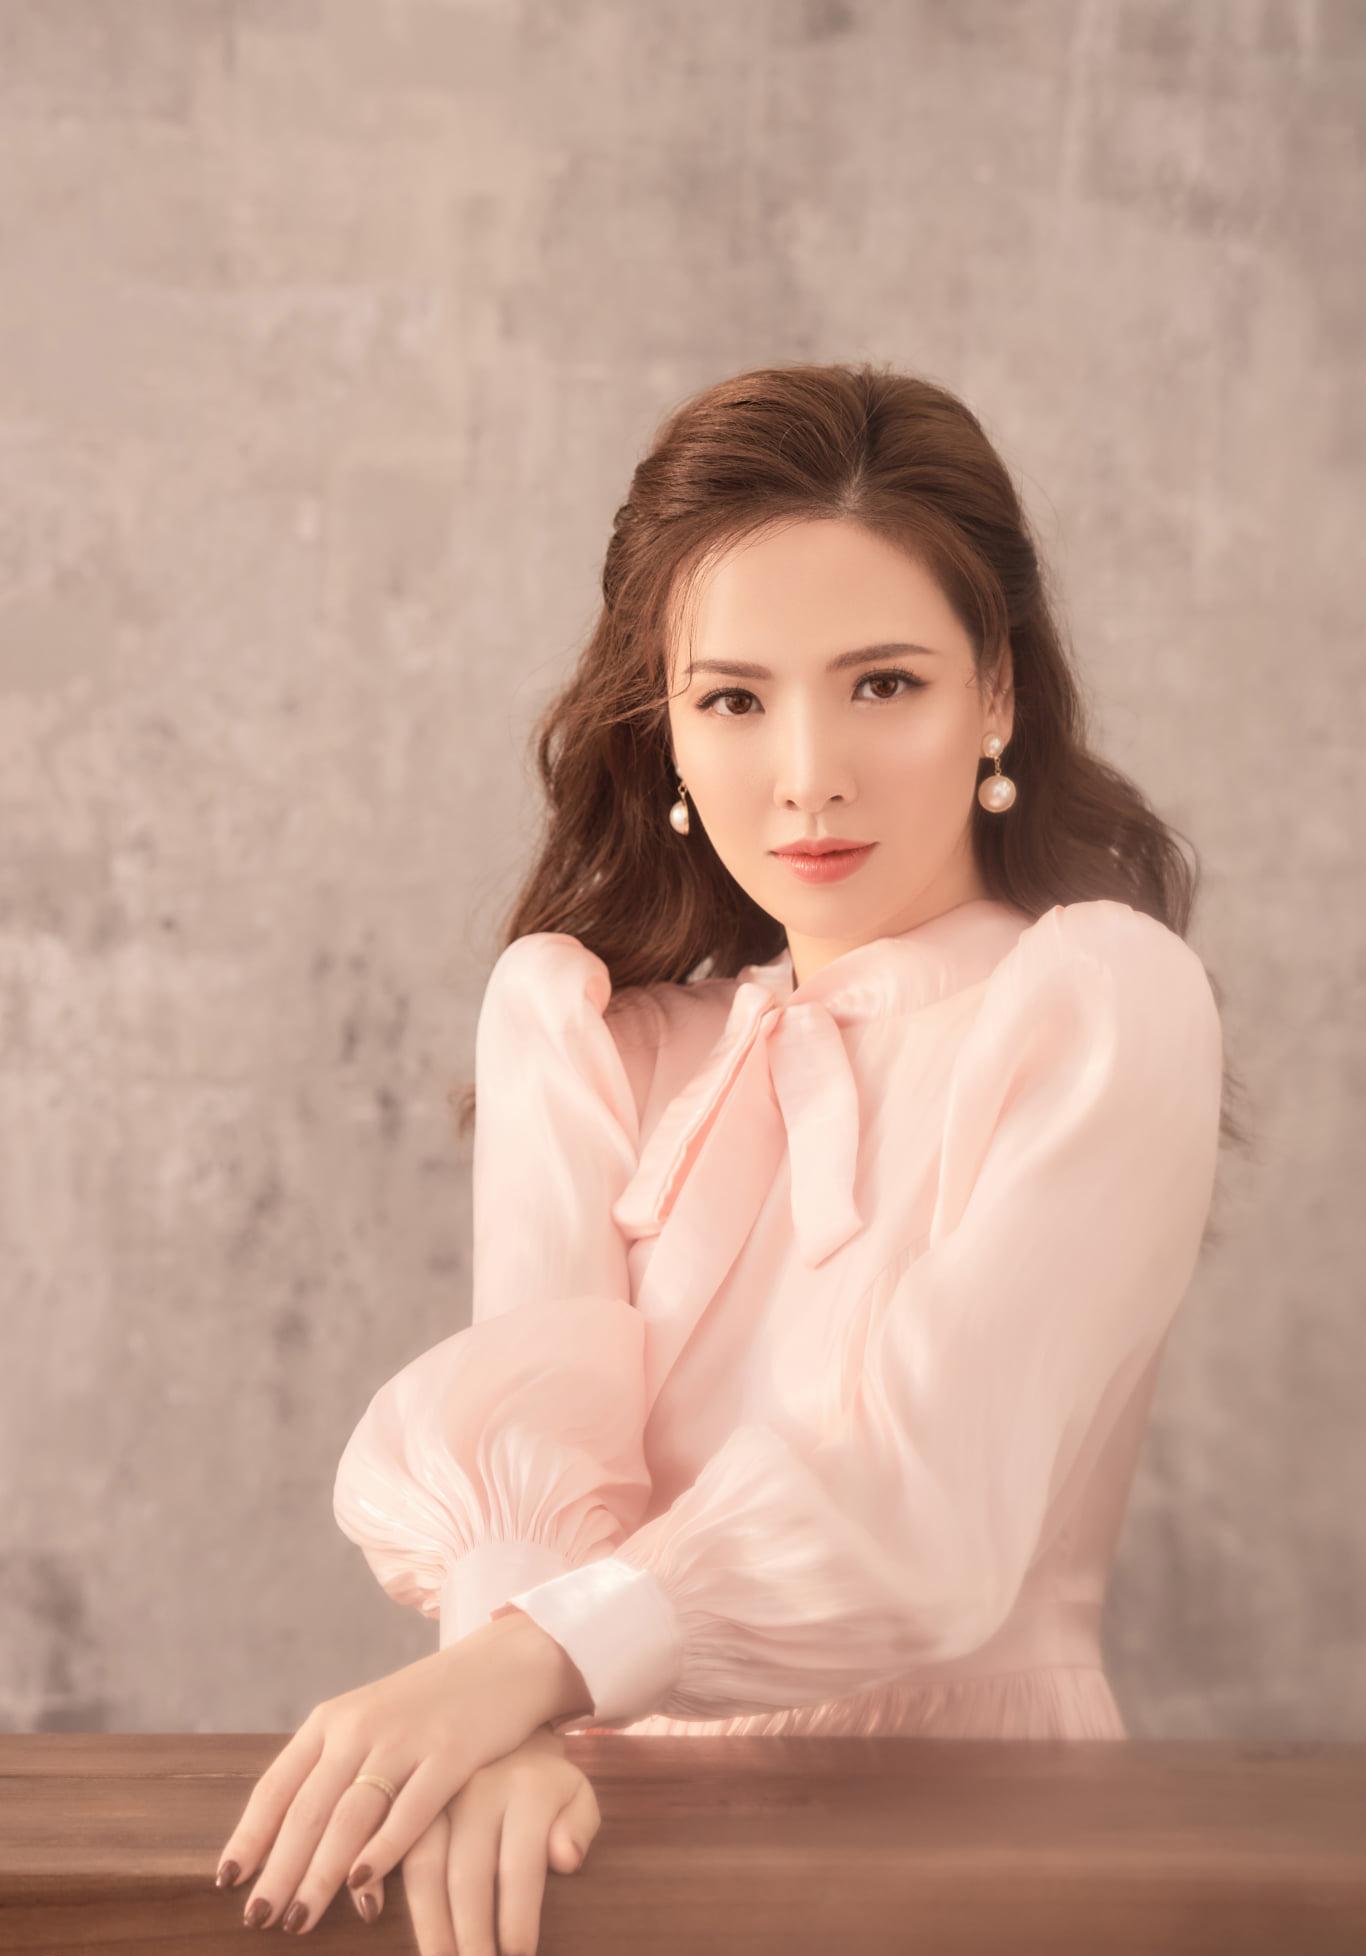 MC Đan Lê đẹp mong manh ở tuổi 38